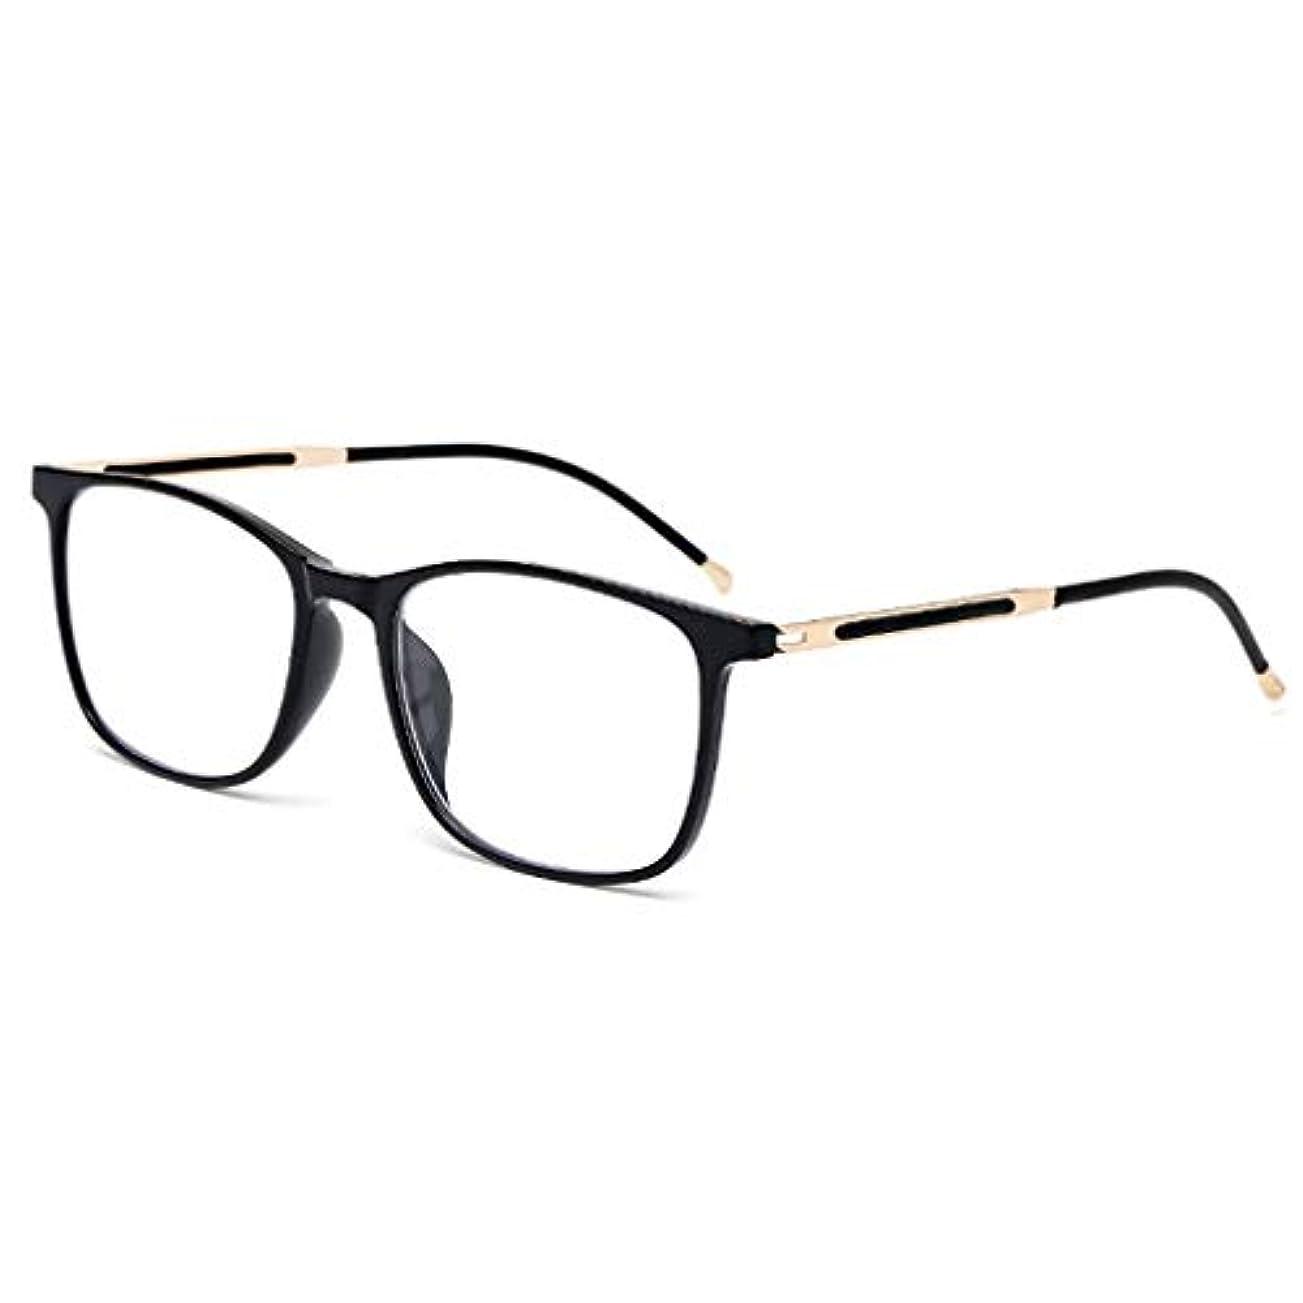 老眼鏡女性のファッション超軽量エレガントな快適さ抗疲労放射線高精細古い樹脂古い老眼鏡 花が咲く (Color : A, Edition : +2.00)